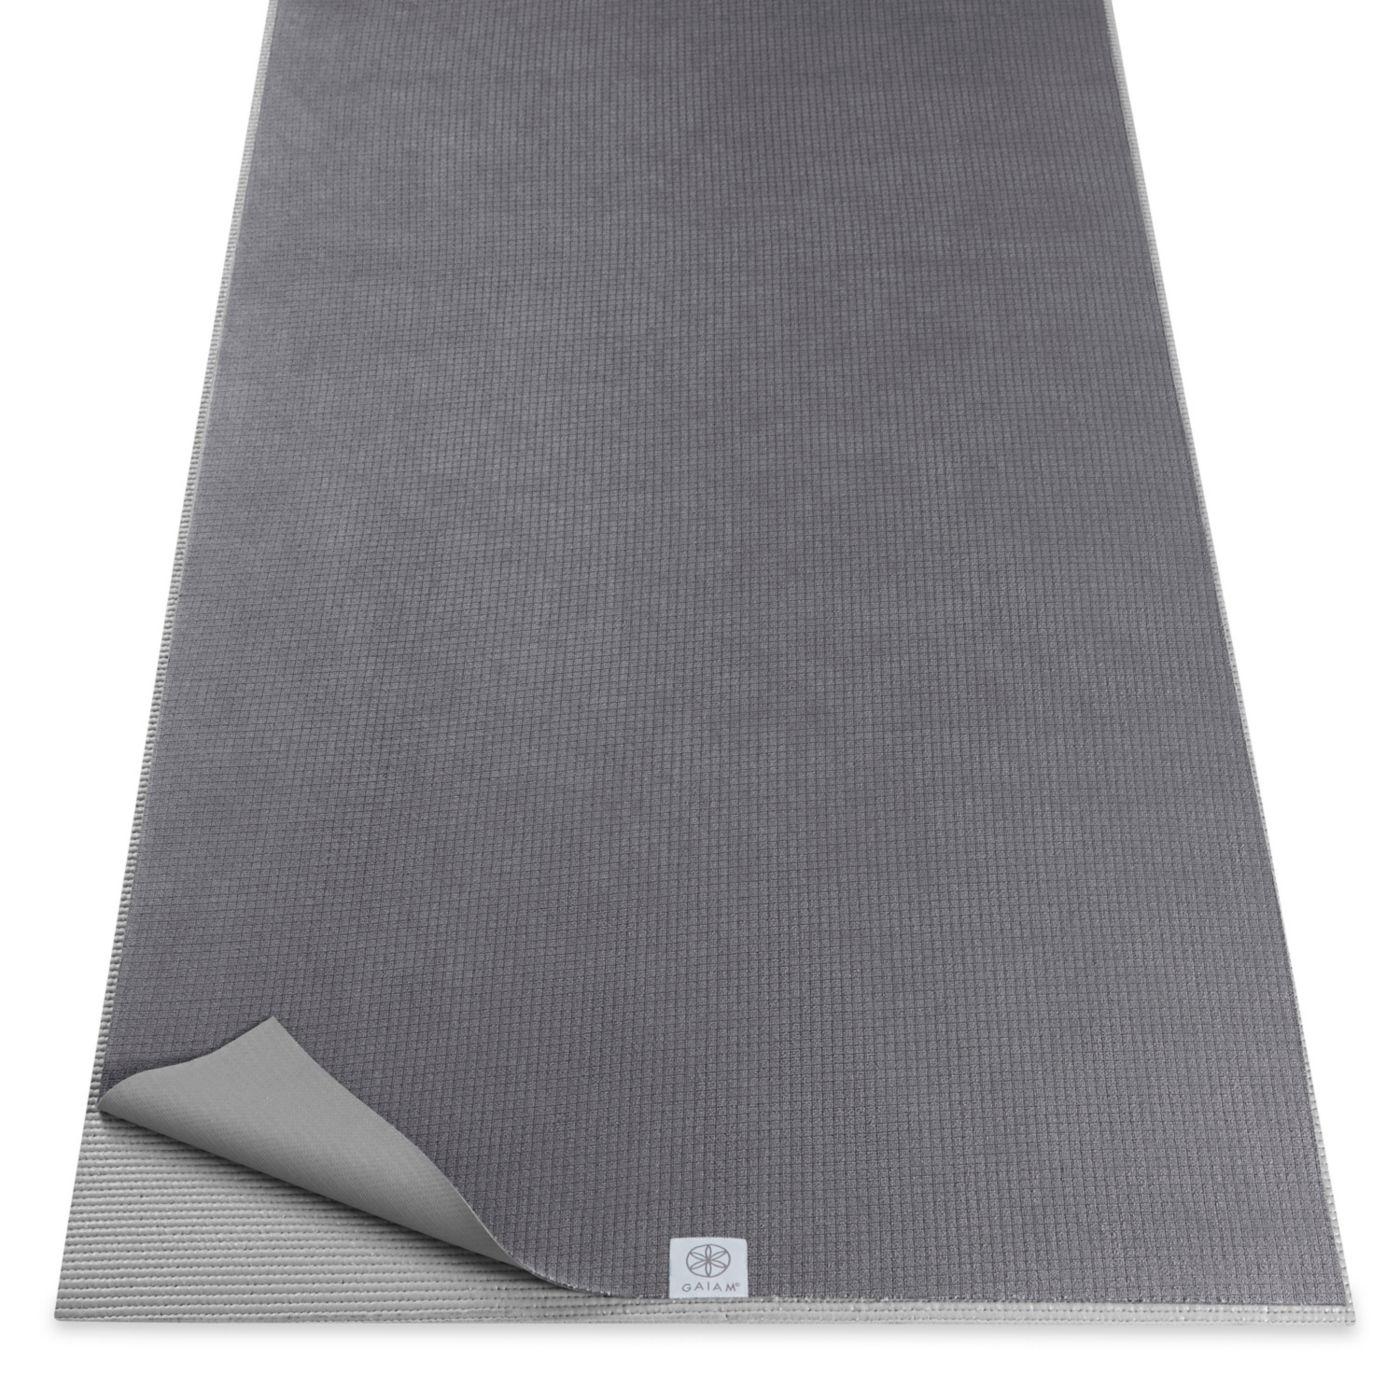 Gaiam Studio Select No-Slip Yoga Mat Towel